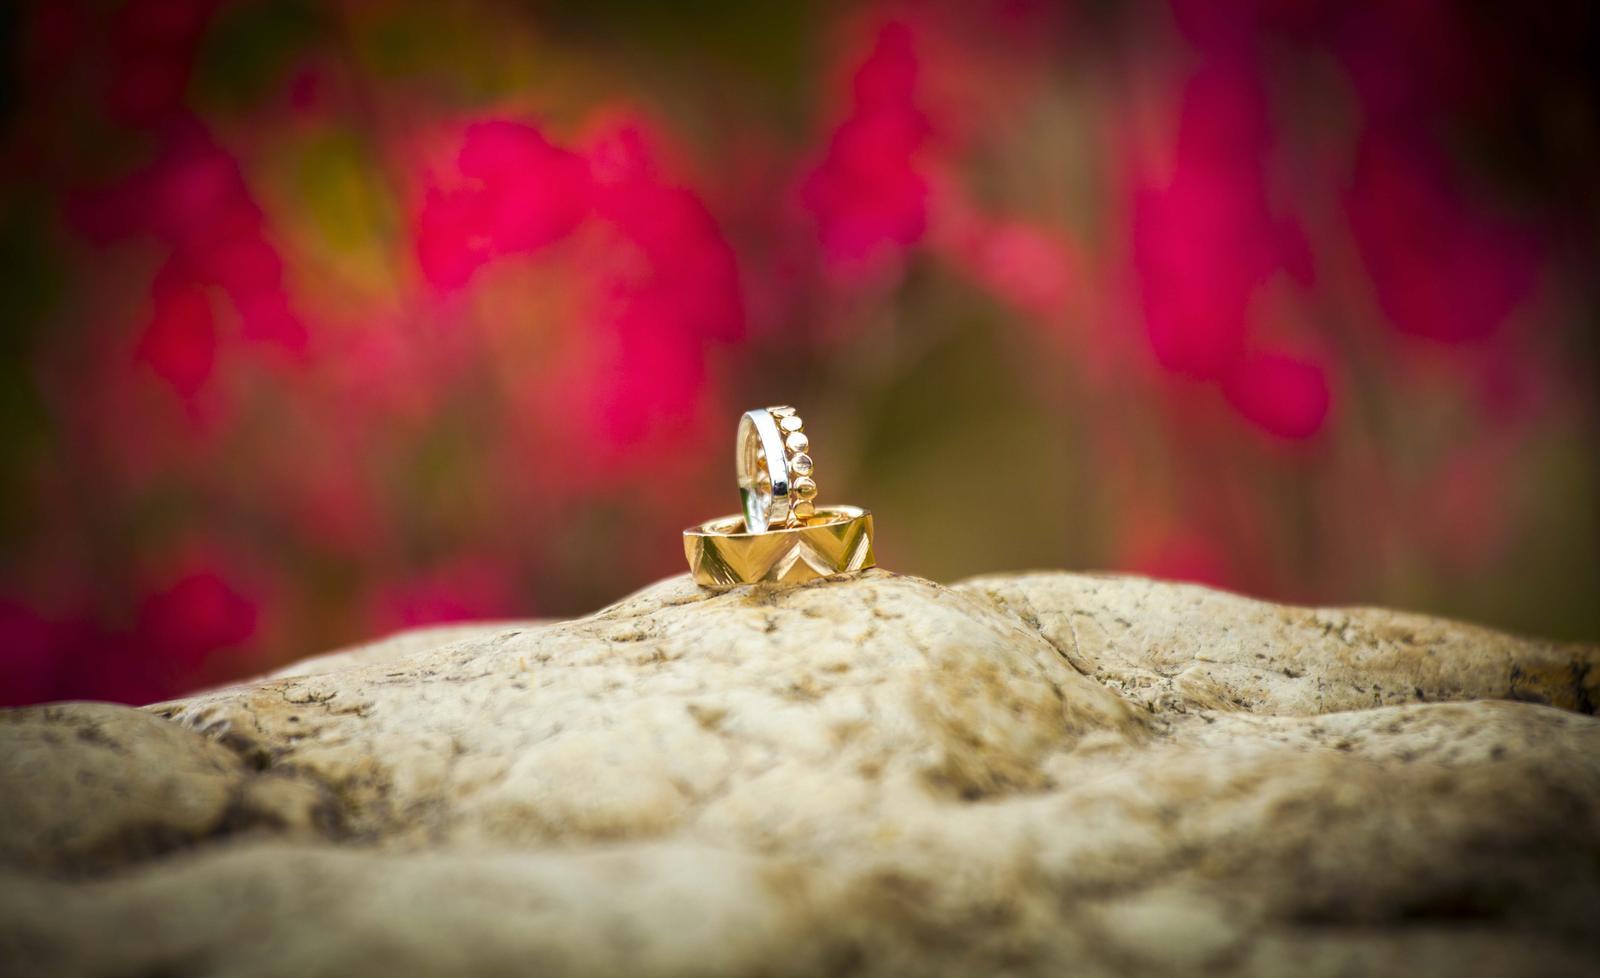 Weddings 👰2019 - Obrázek č. 3